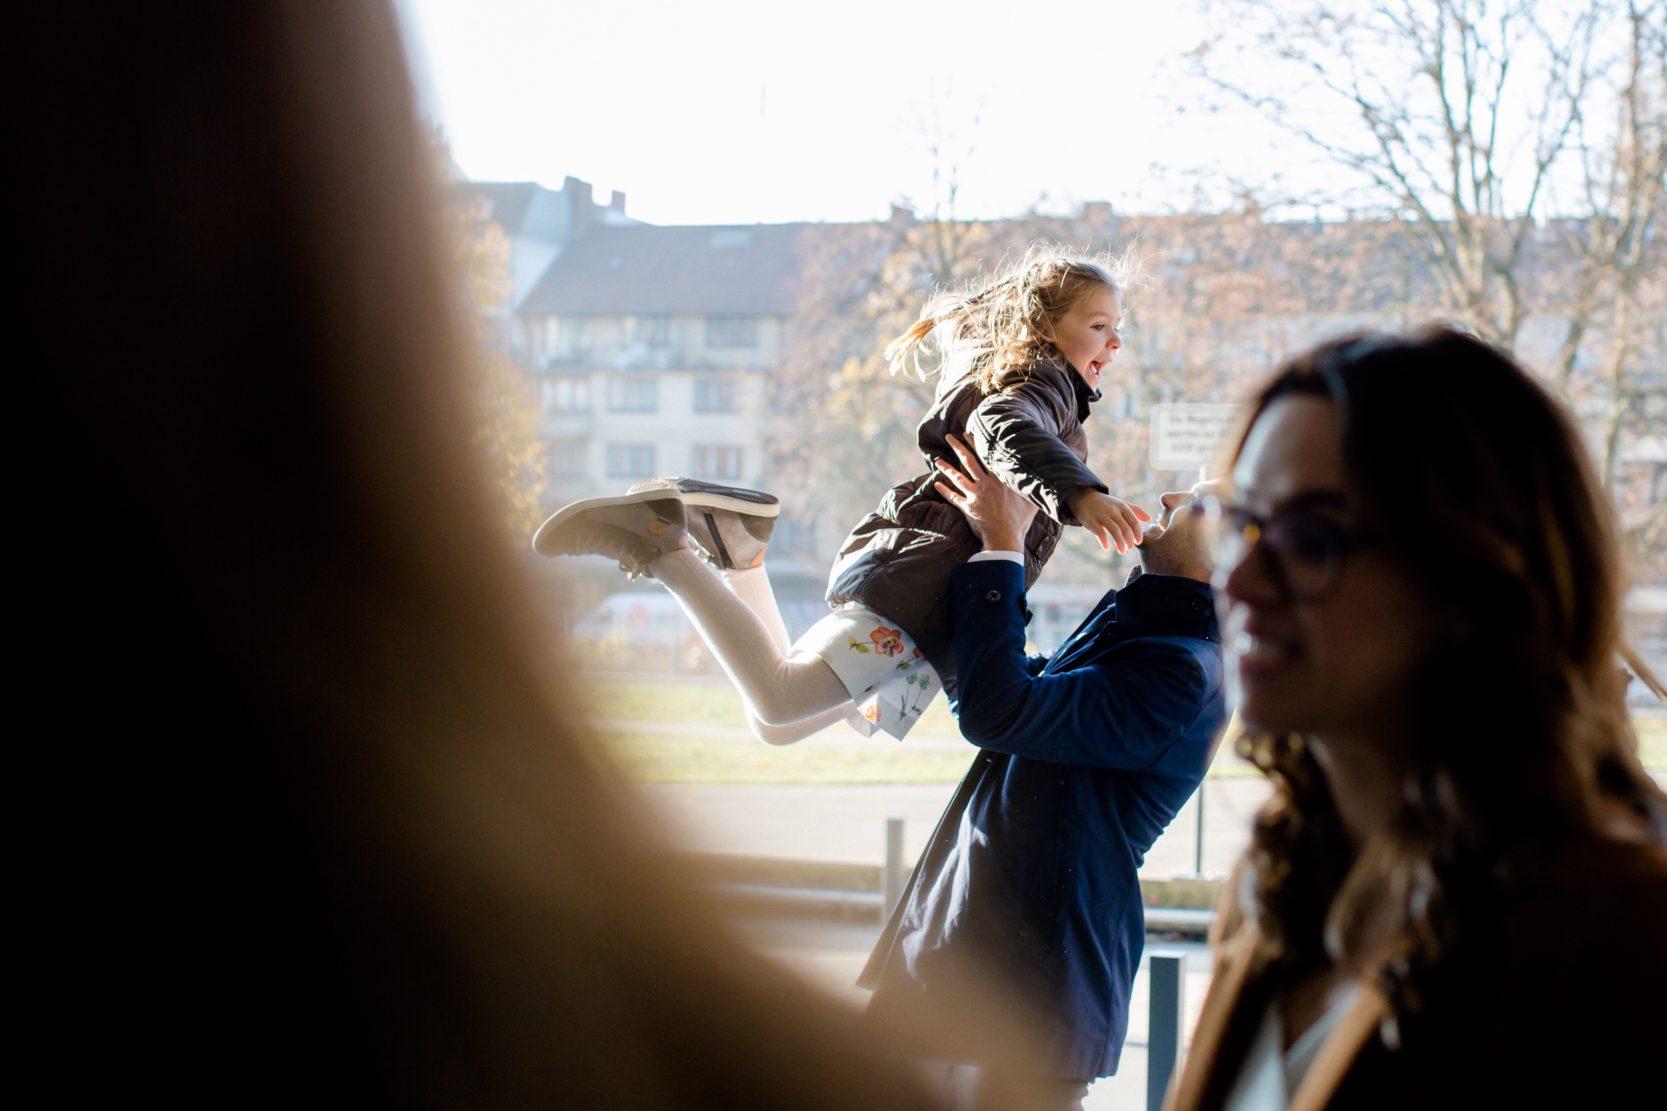 Standesamtliche Hochzeit Hamburg | Standesamt Eimsbüttel | Urbane Hochzeit Hamburg | Daily Malina